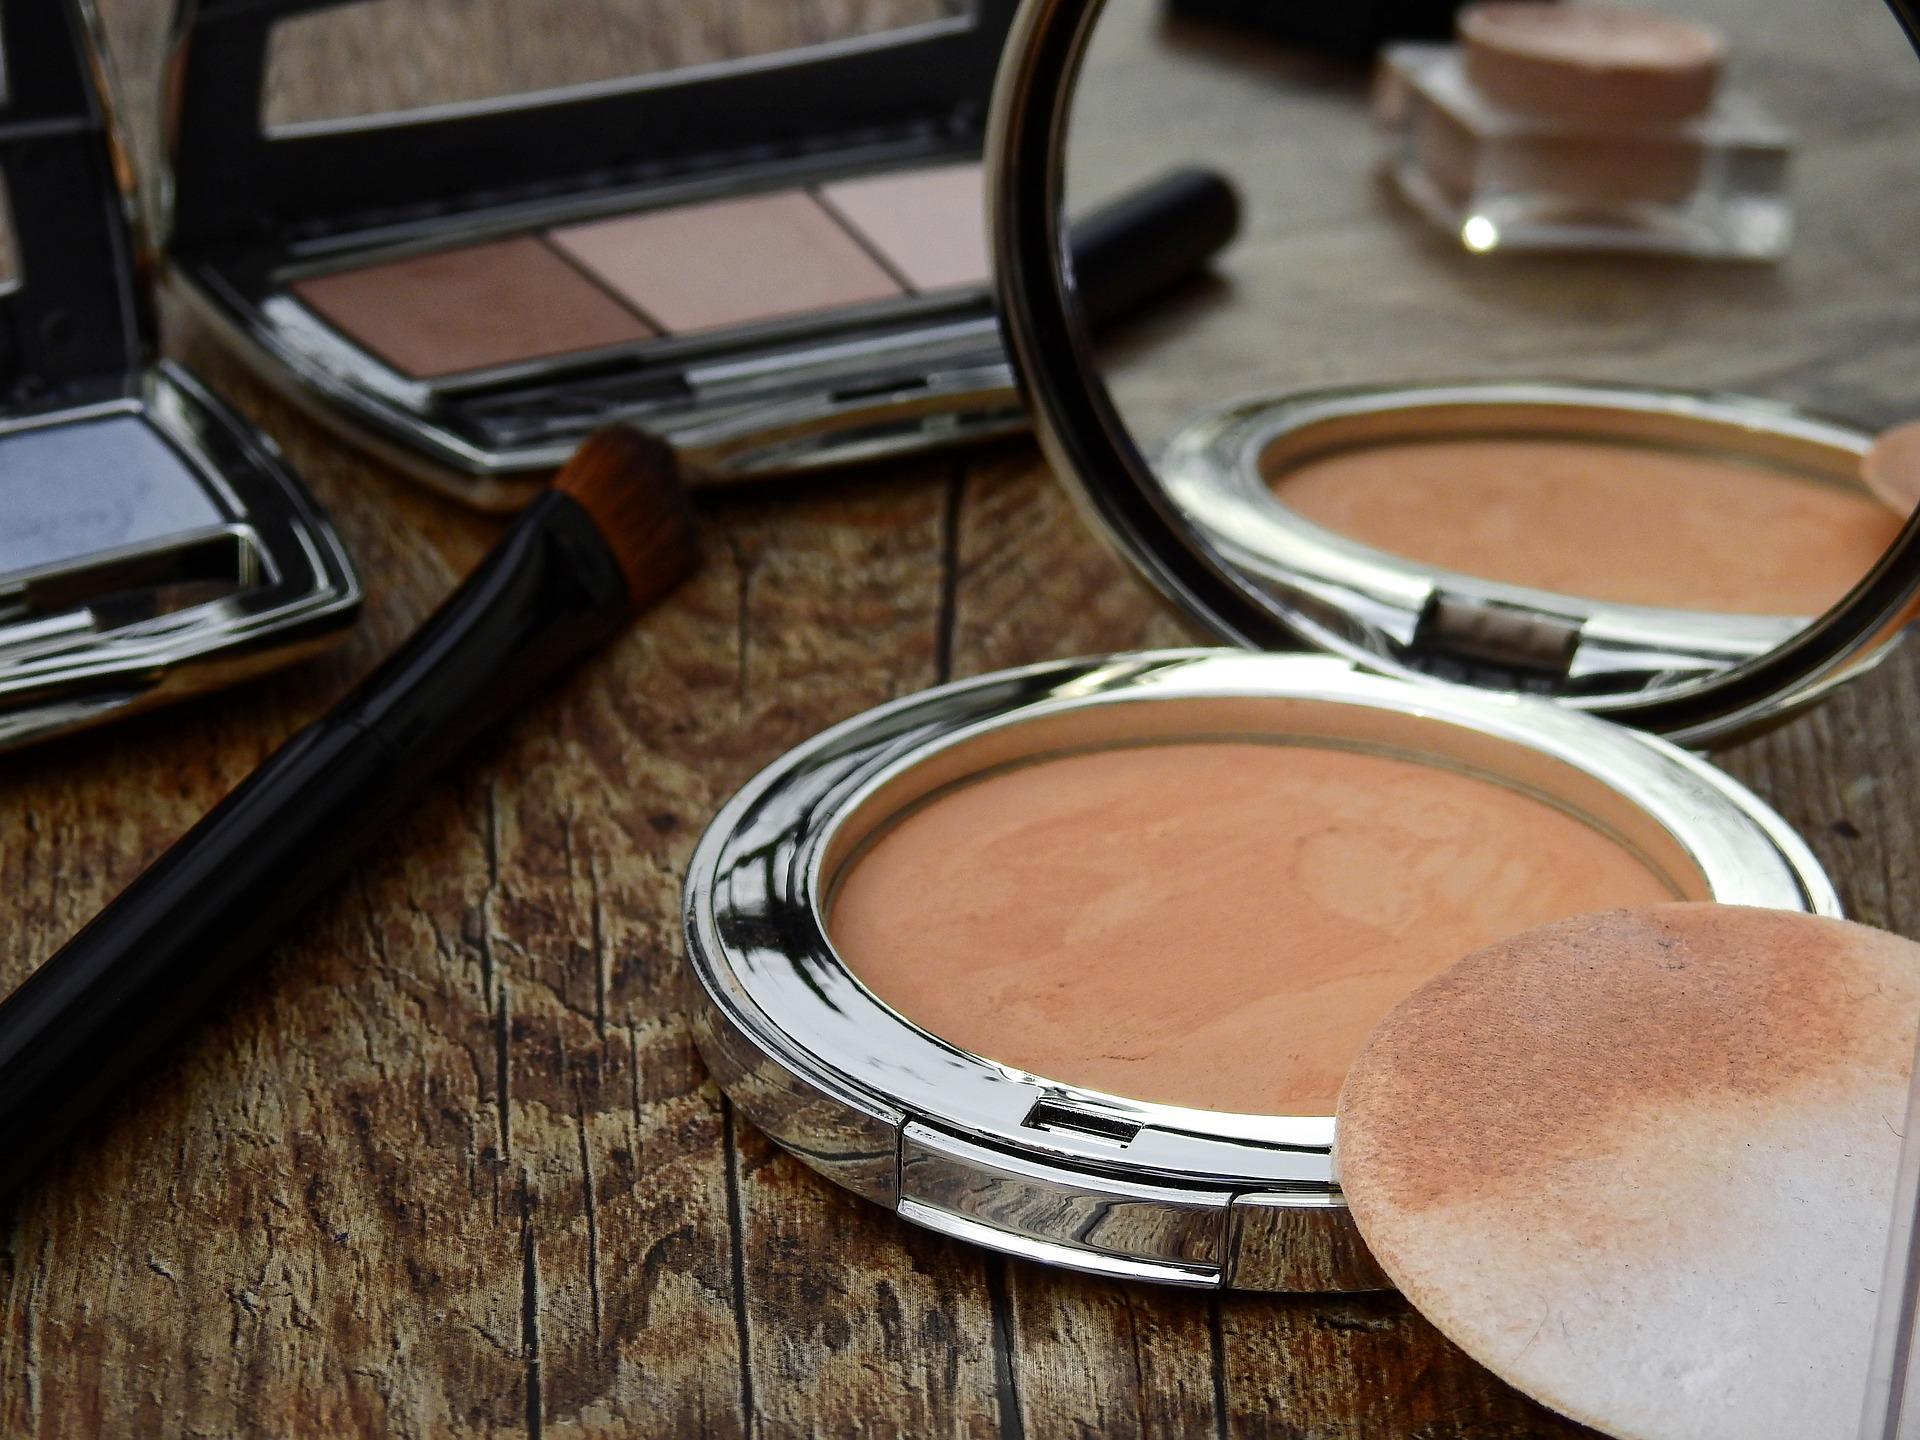 Vor dem Kauf sollten sie einen Make-up Test machen auf gutshausblog.de